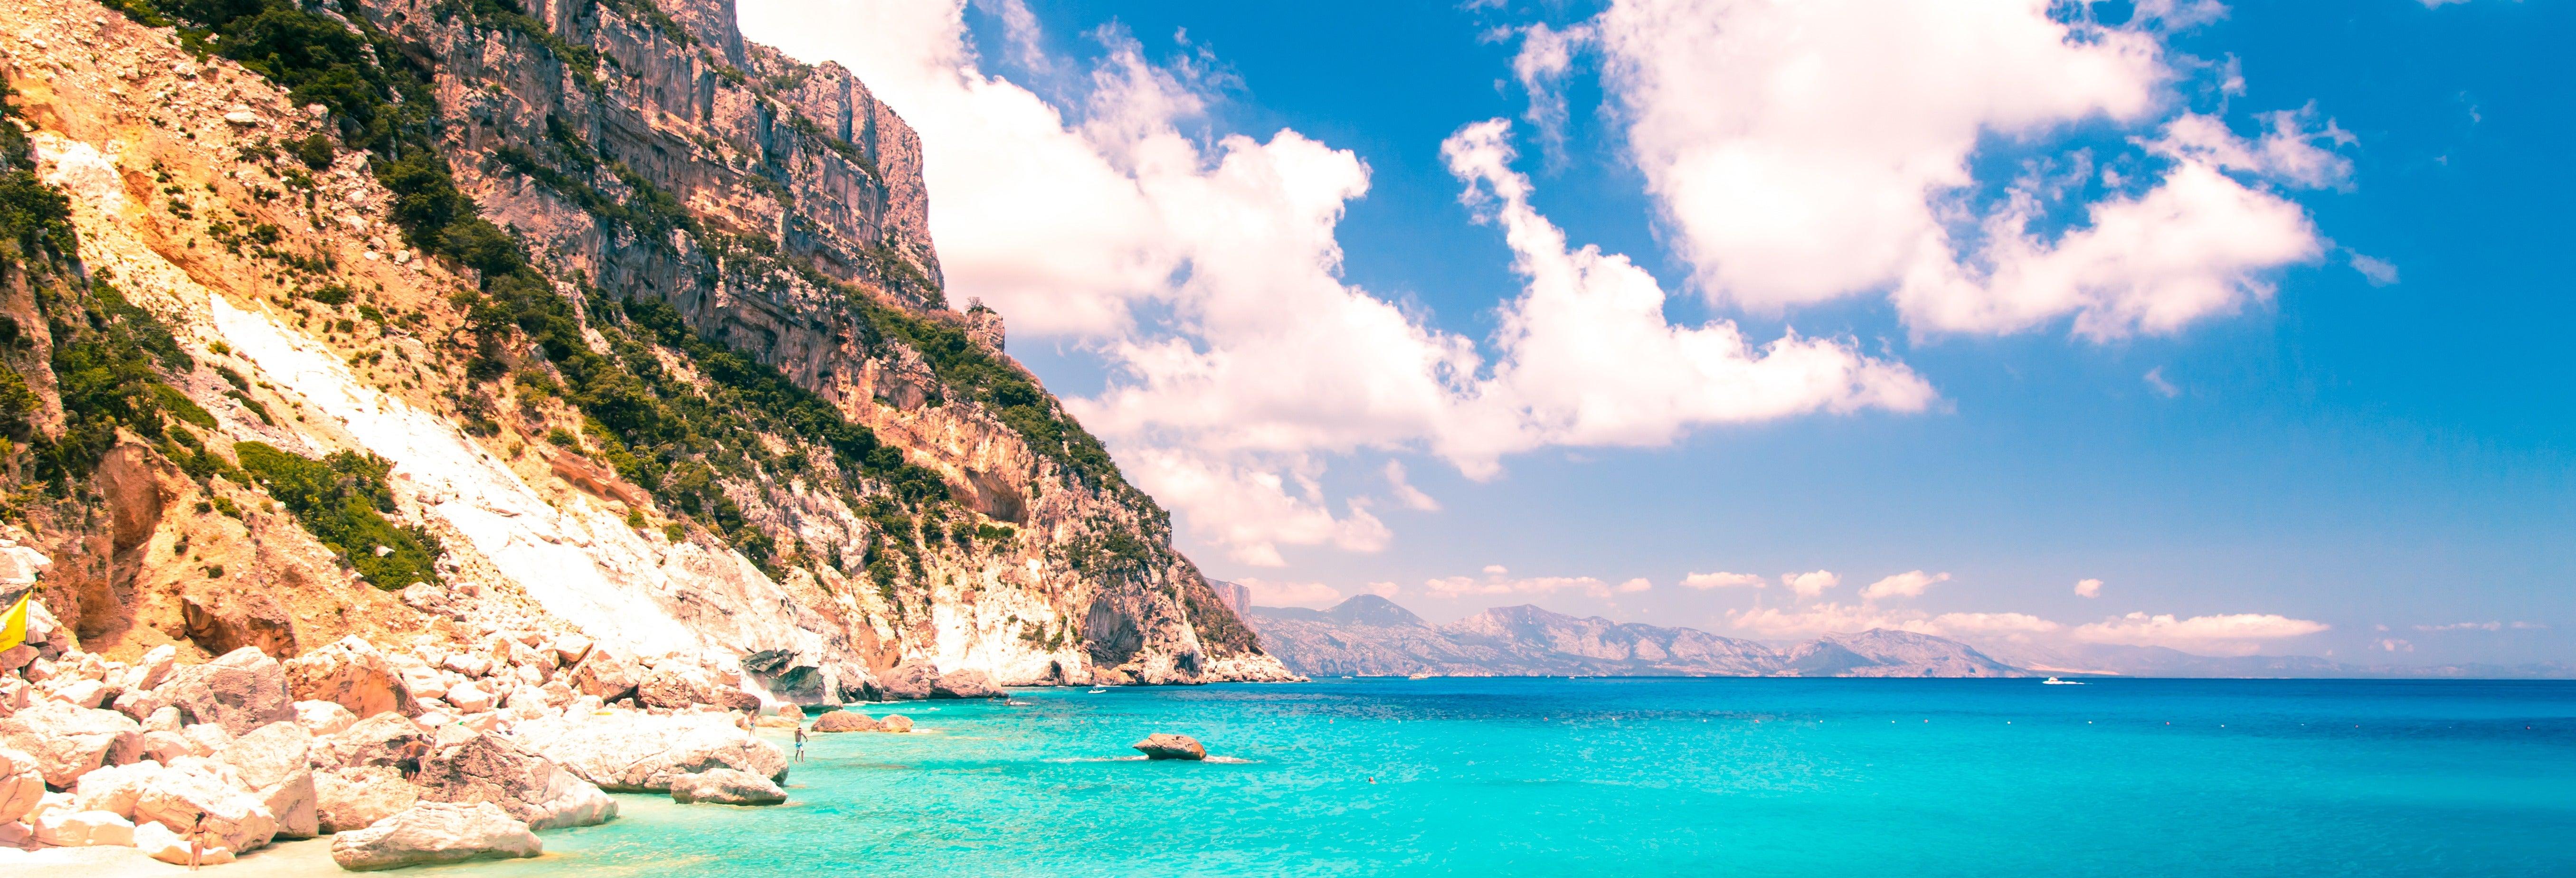 Snorkeling dans le golfe d'Orosei